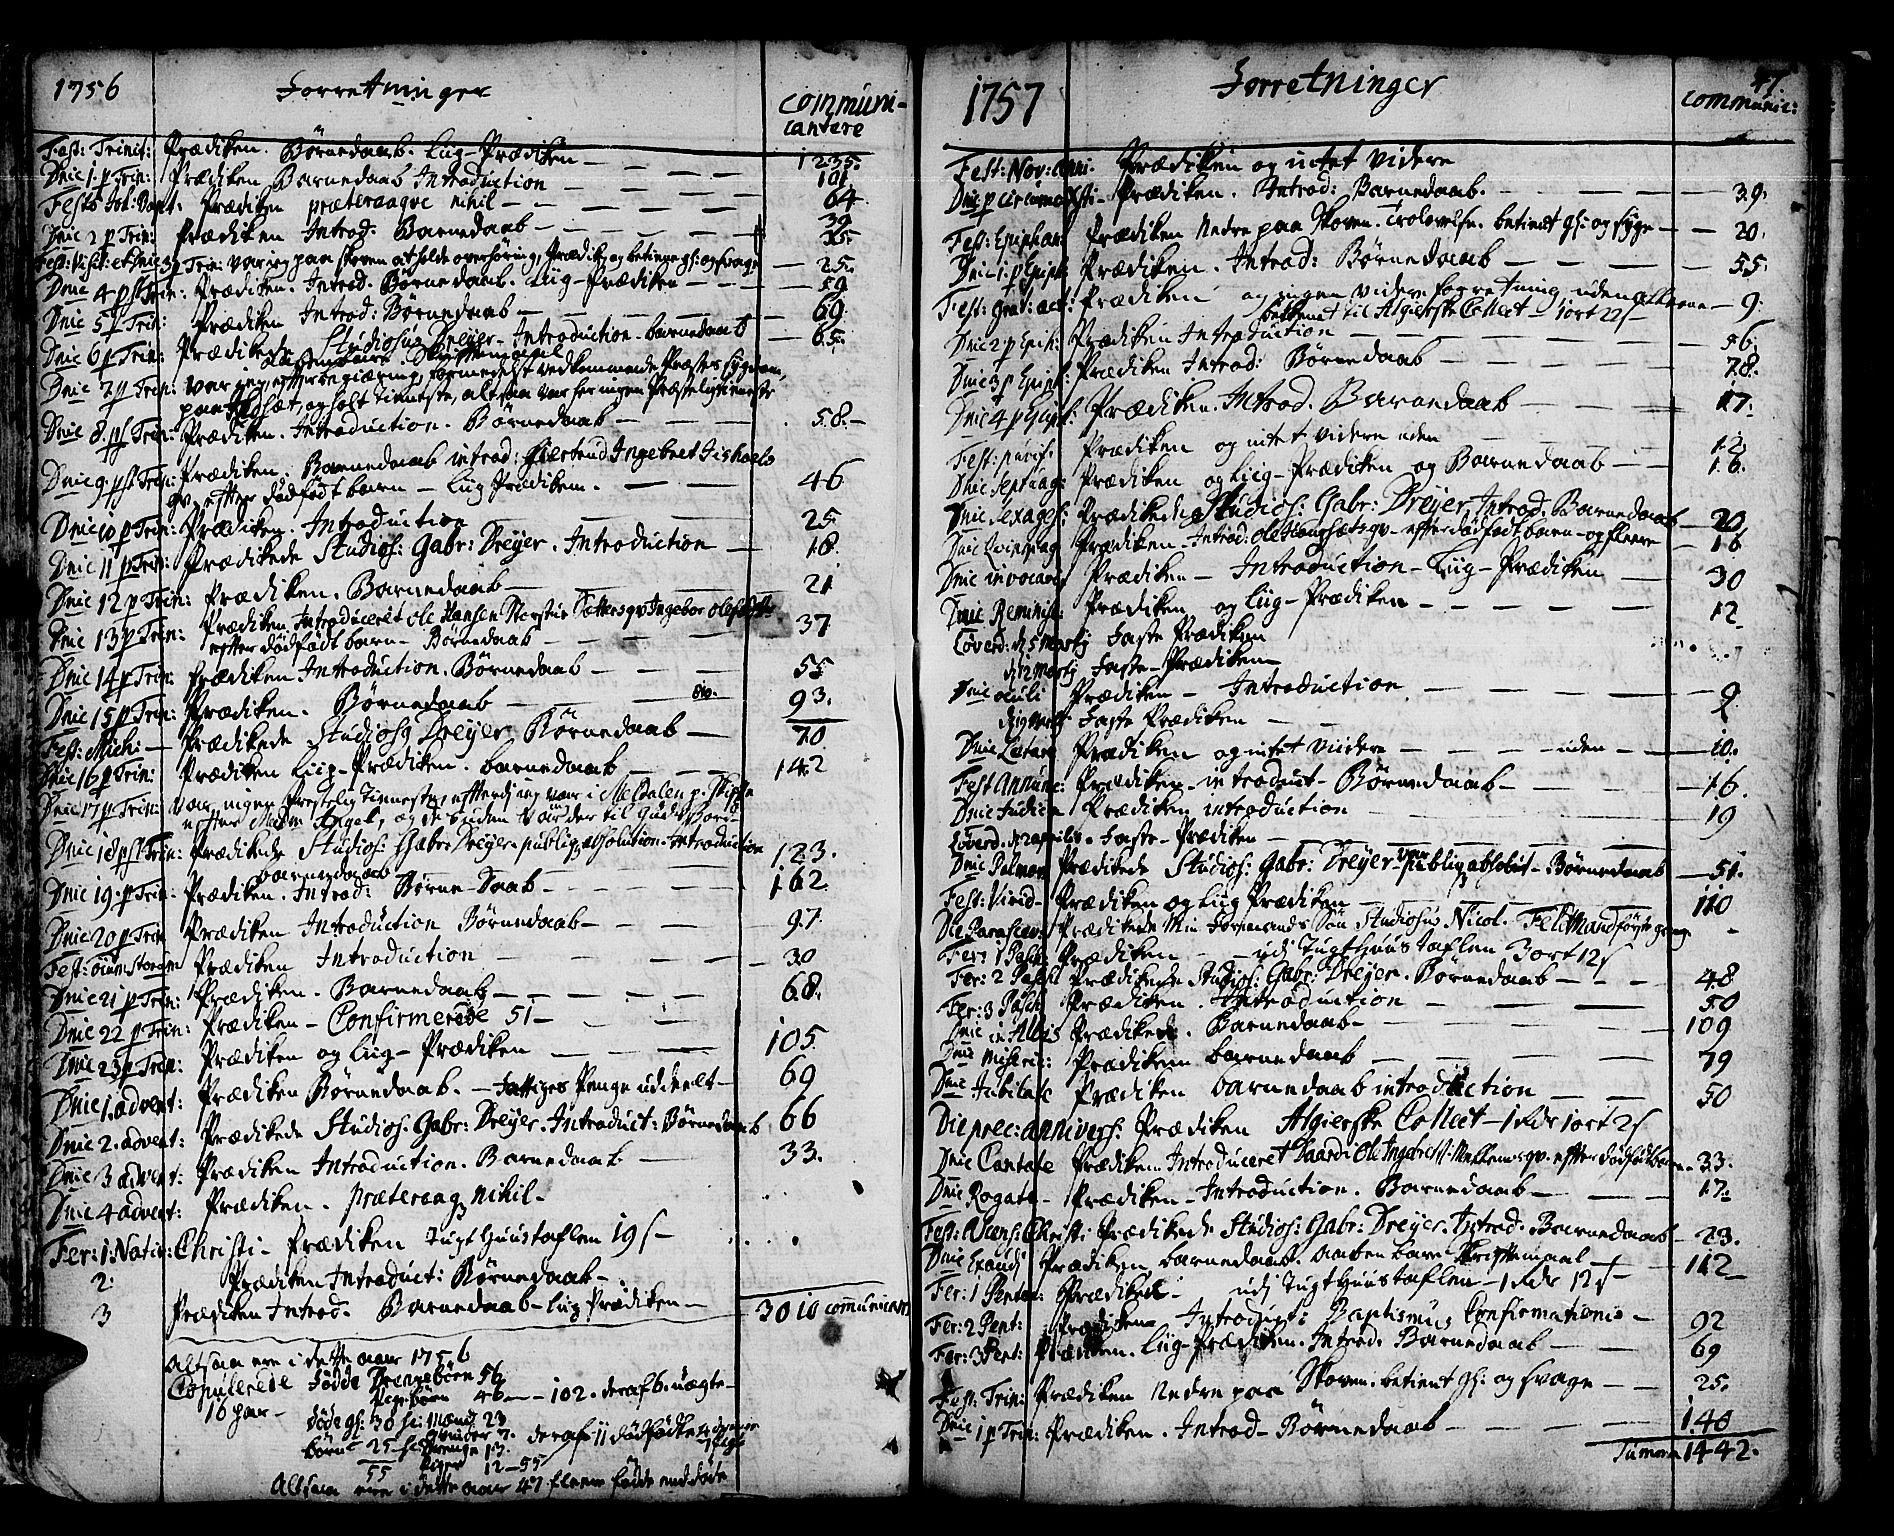 SAT, Ministerialprotokoller, klokkerbøker og fødselsregistre - Sør-Trøndelag, 678/L0891: Ministerialbok nr. 678A01, 1739-1780, s. 47